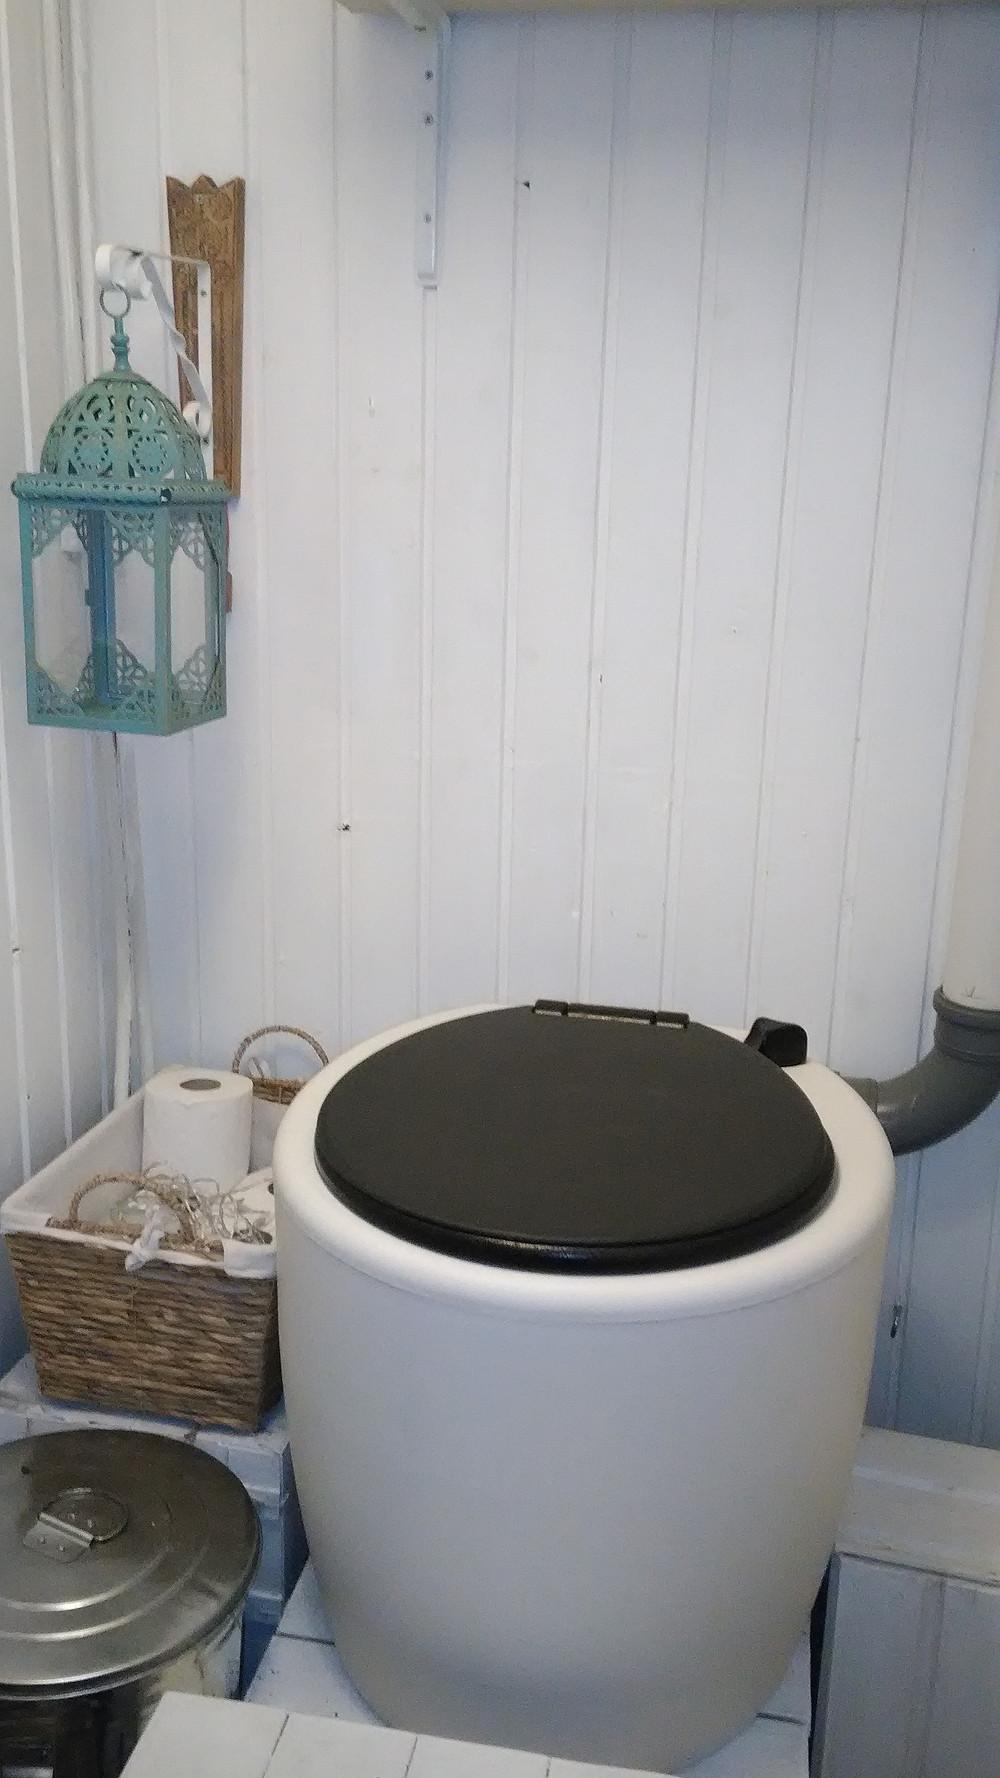 Kuivakäymälä on siisti vaihtoehto vesivessalle